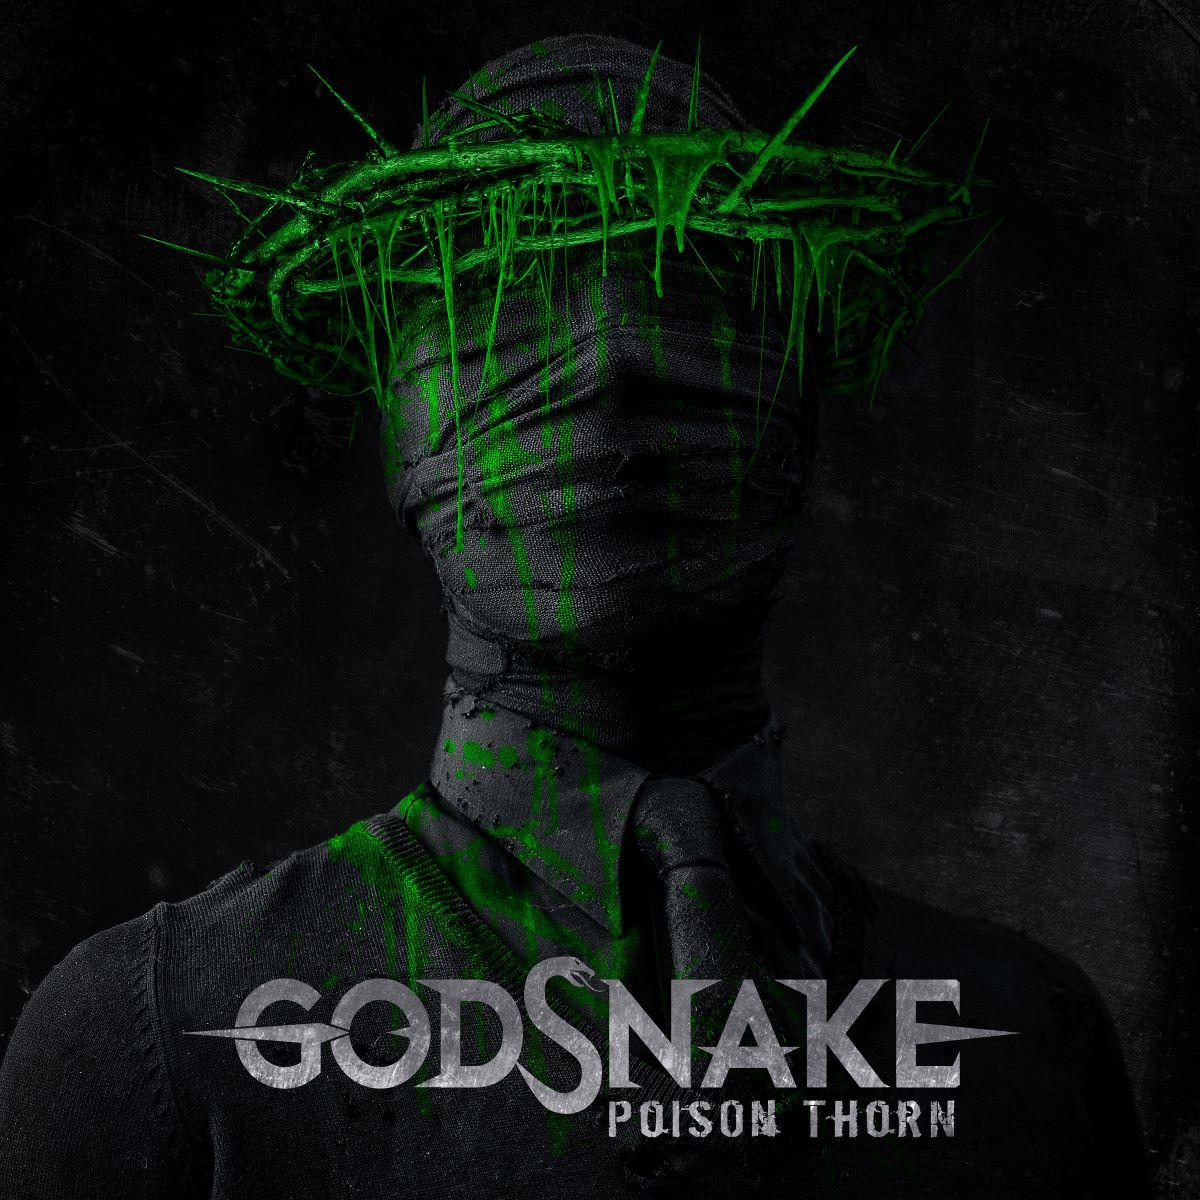 Godsnake - Poison Thorn - album cover